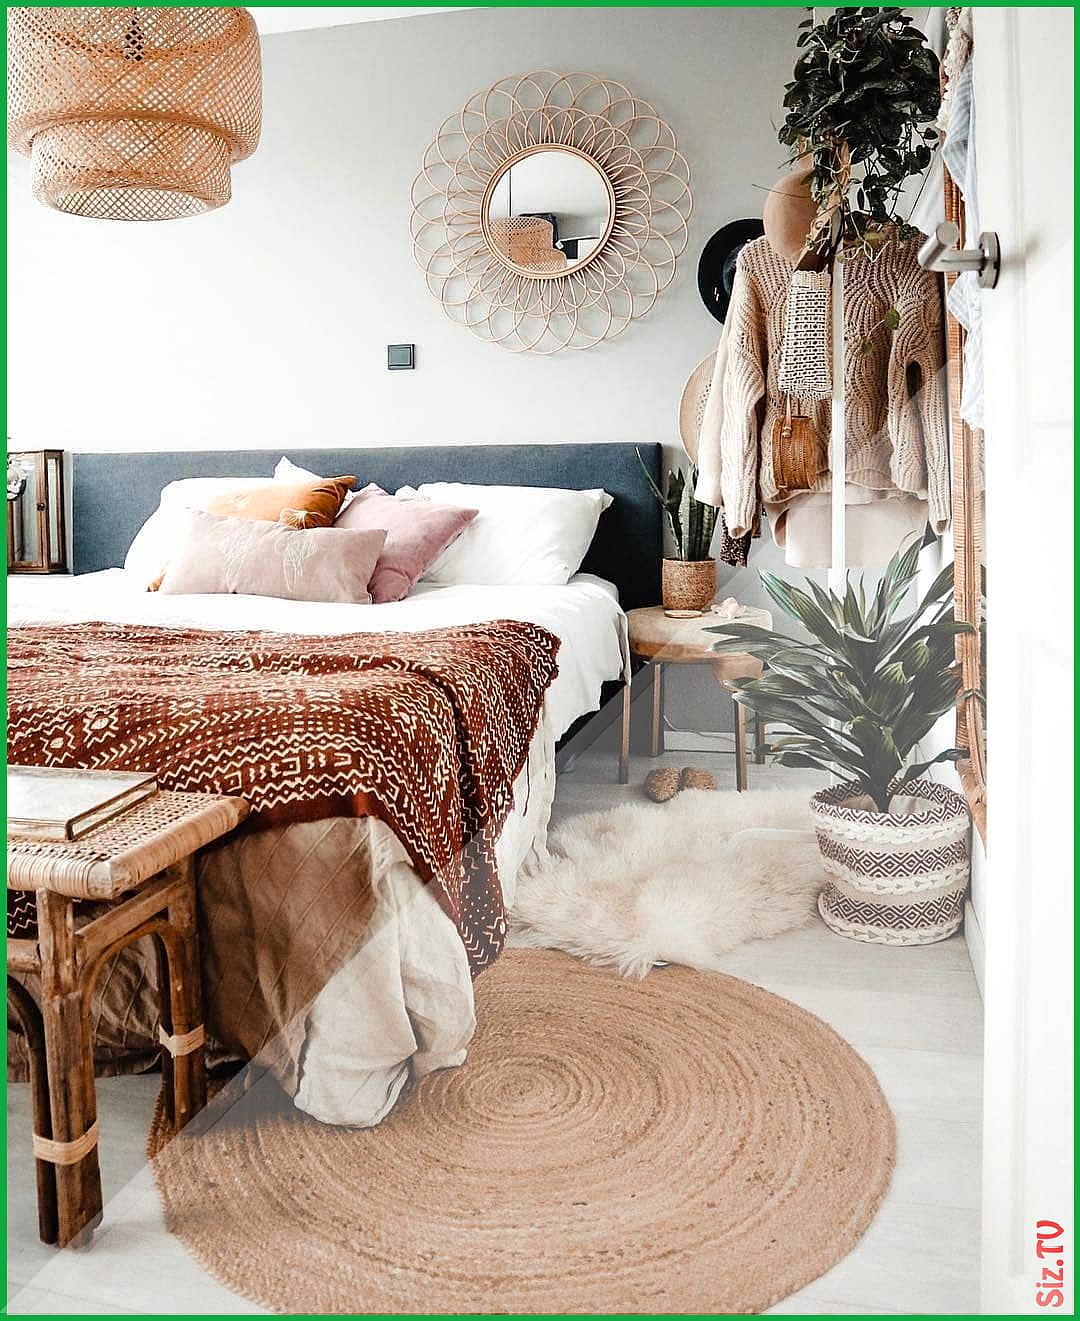 Solebich De On Instagram Ein Kleiner Boho Traum Im Schlafzimmer